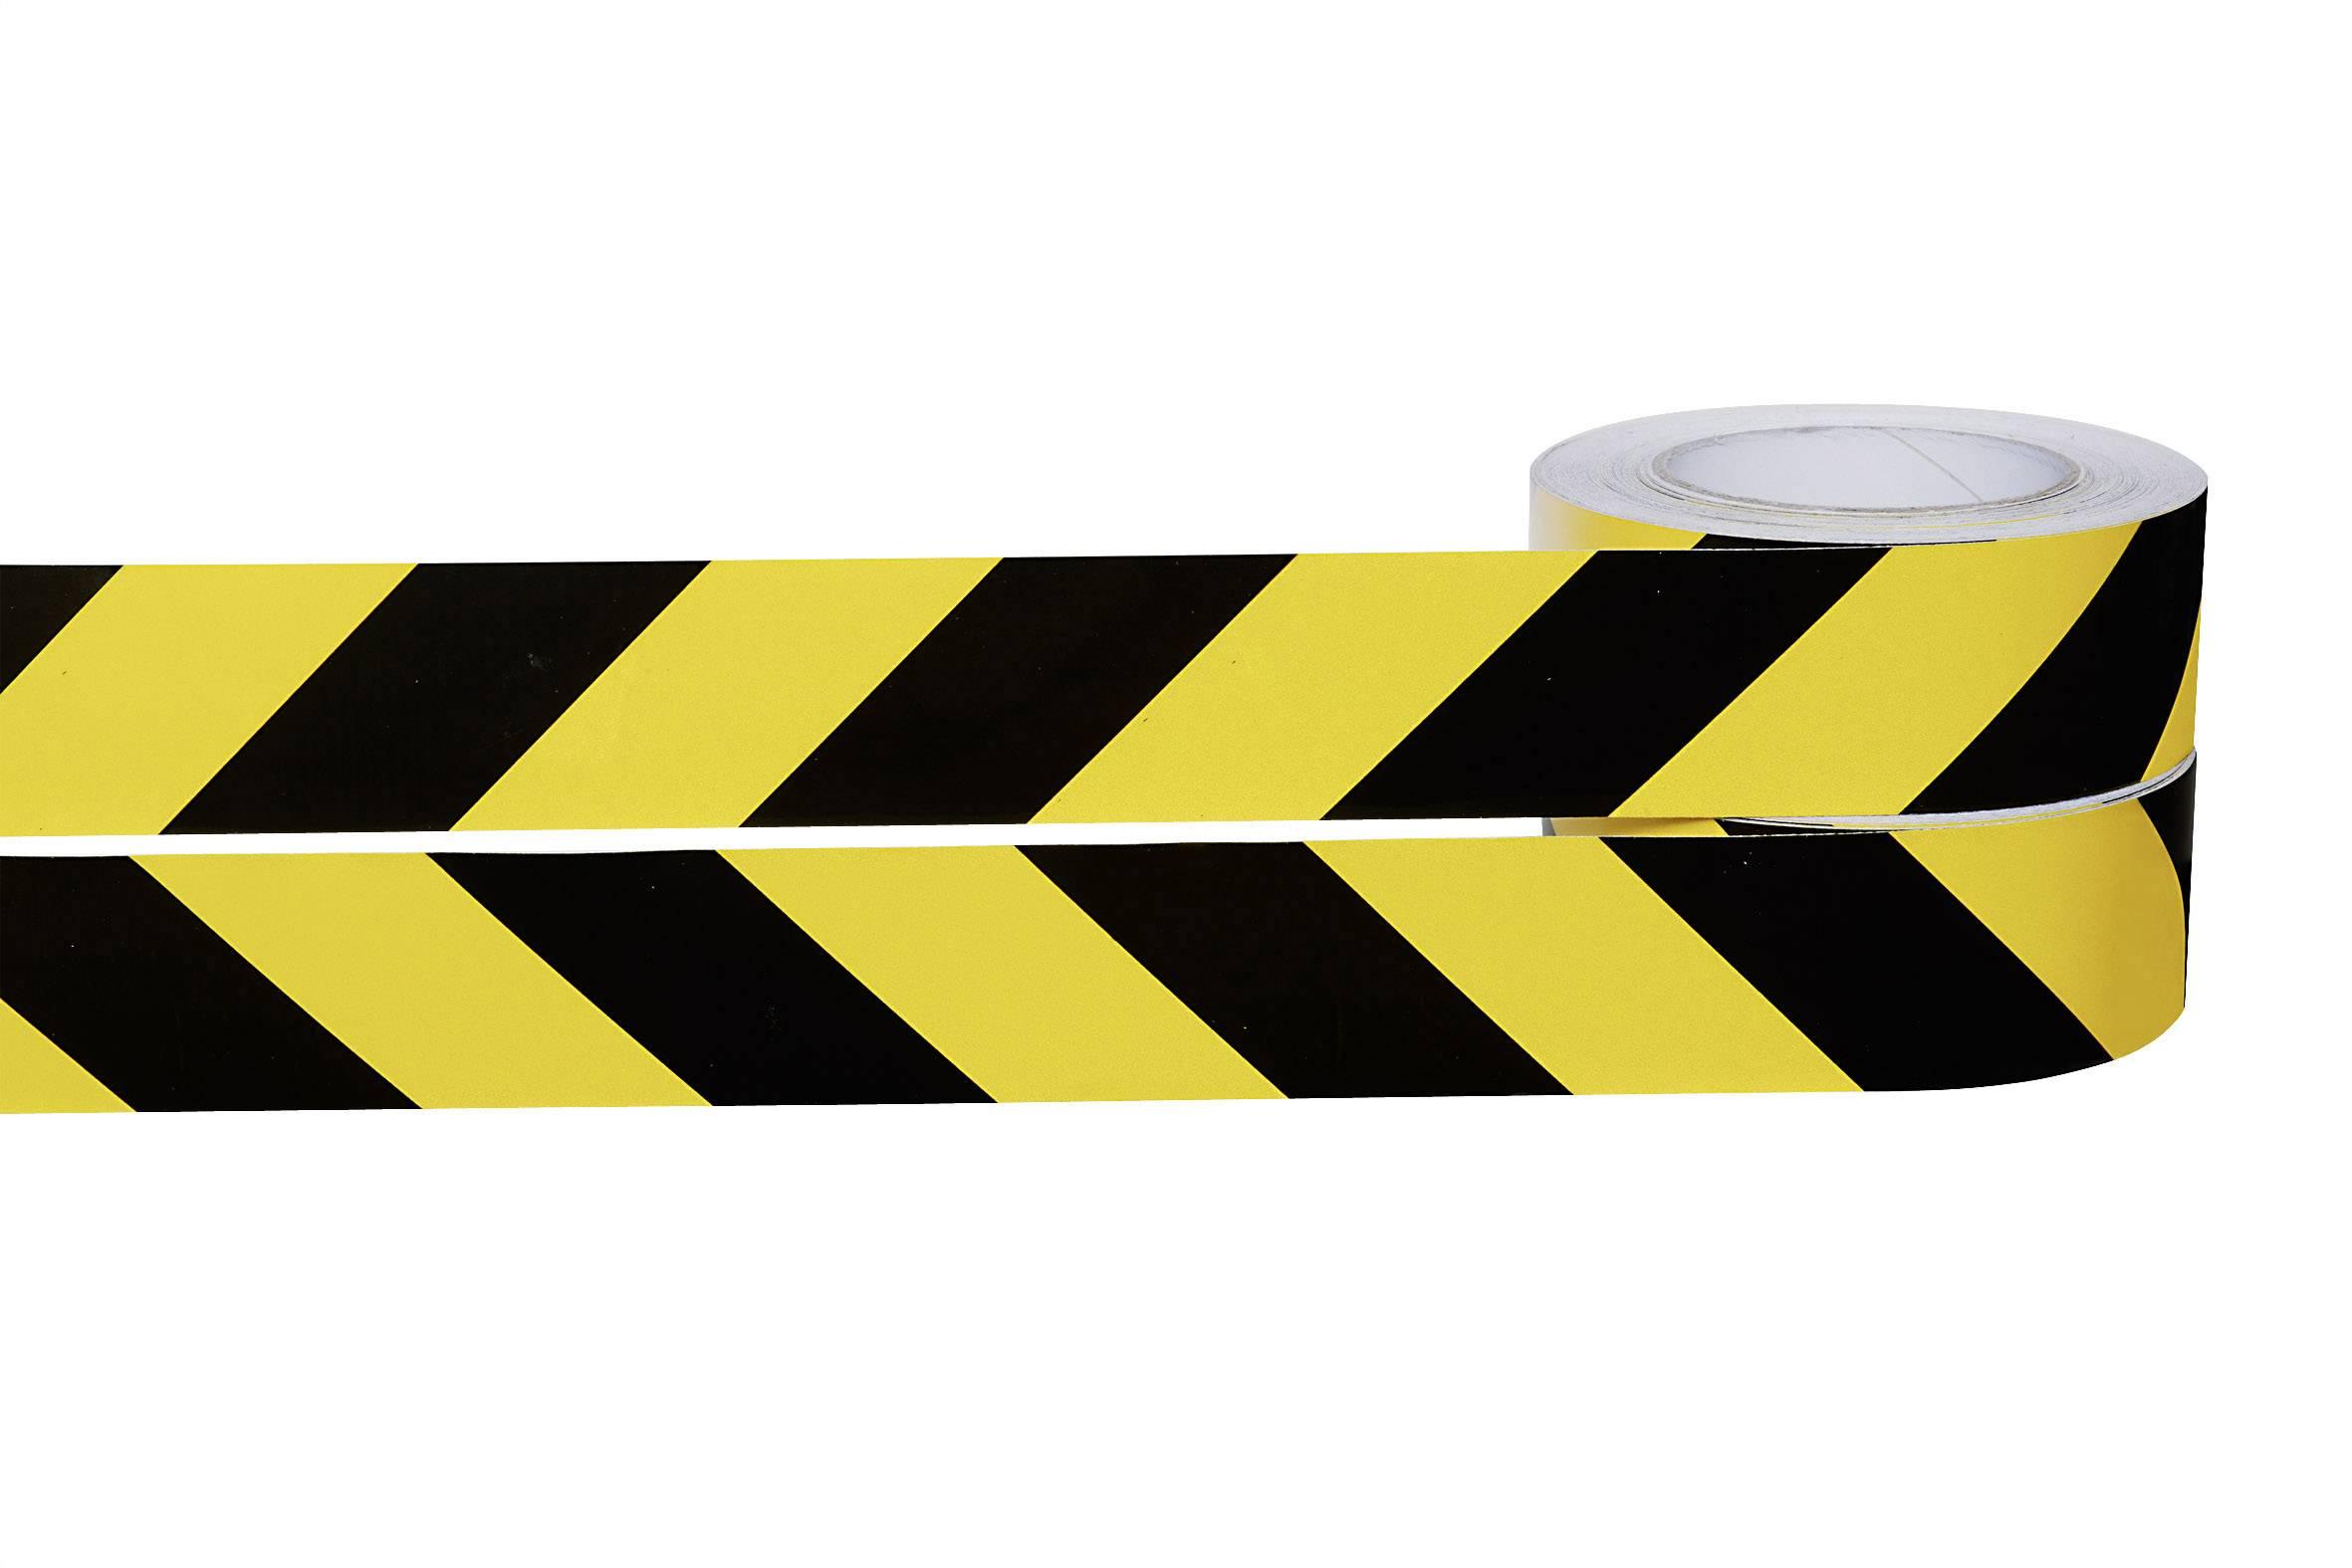 Výstražné značení, žlutočerné role 25 m/50 mm